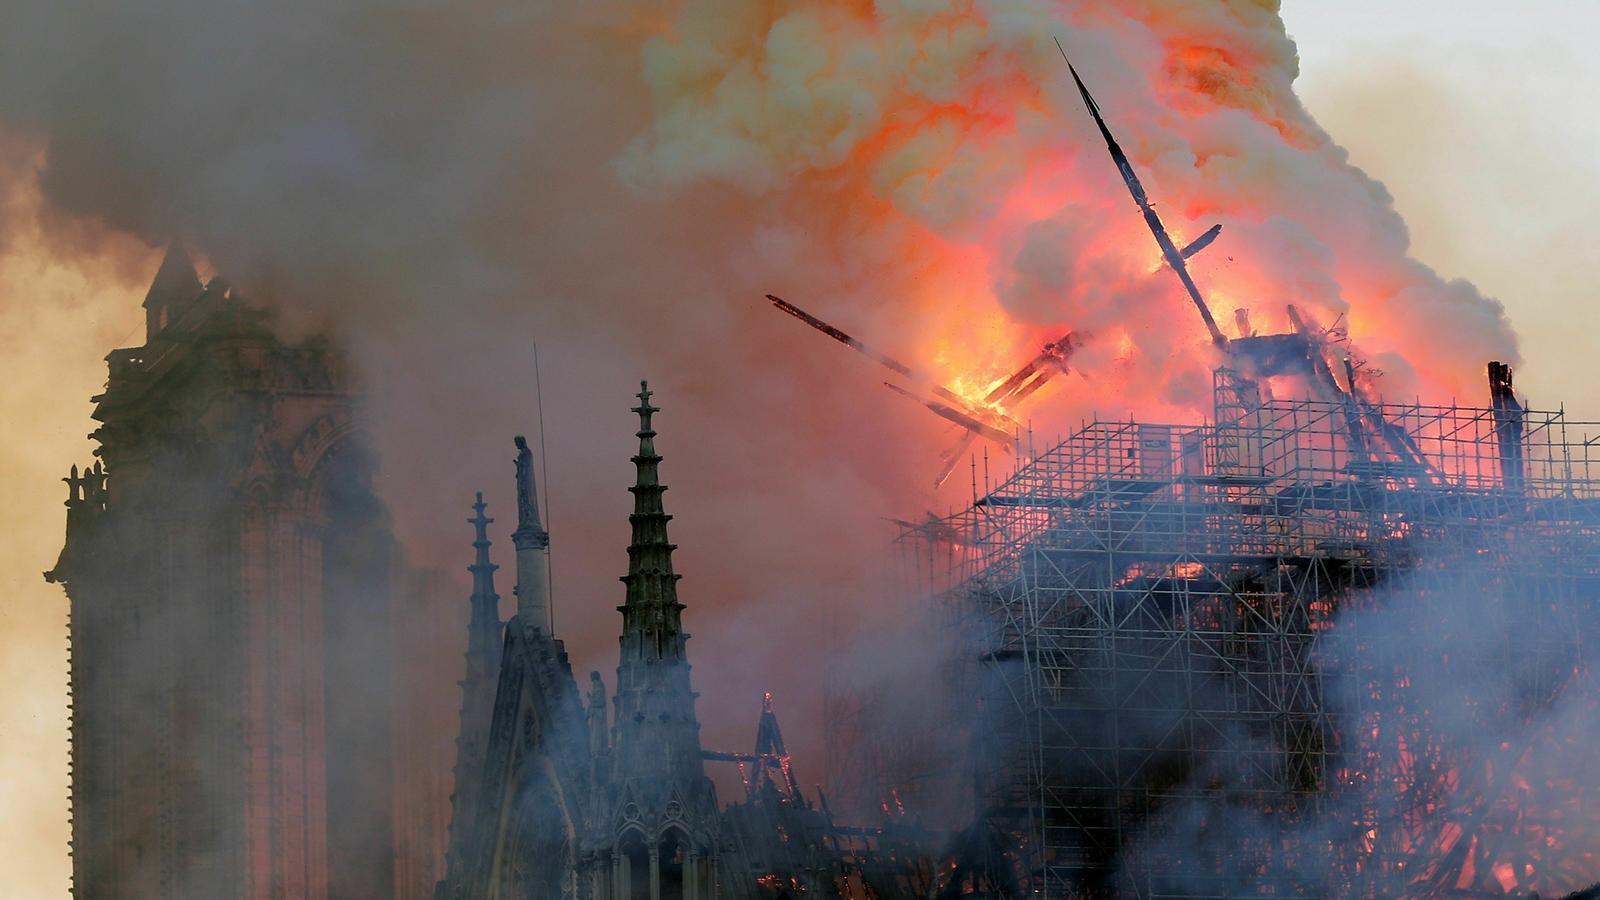 Les reaccions a l'incendi de la catedral de Notre-Dame